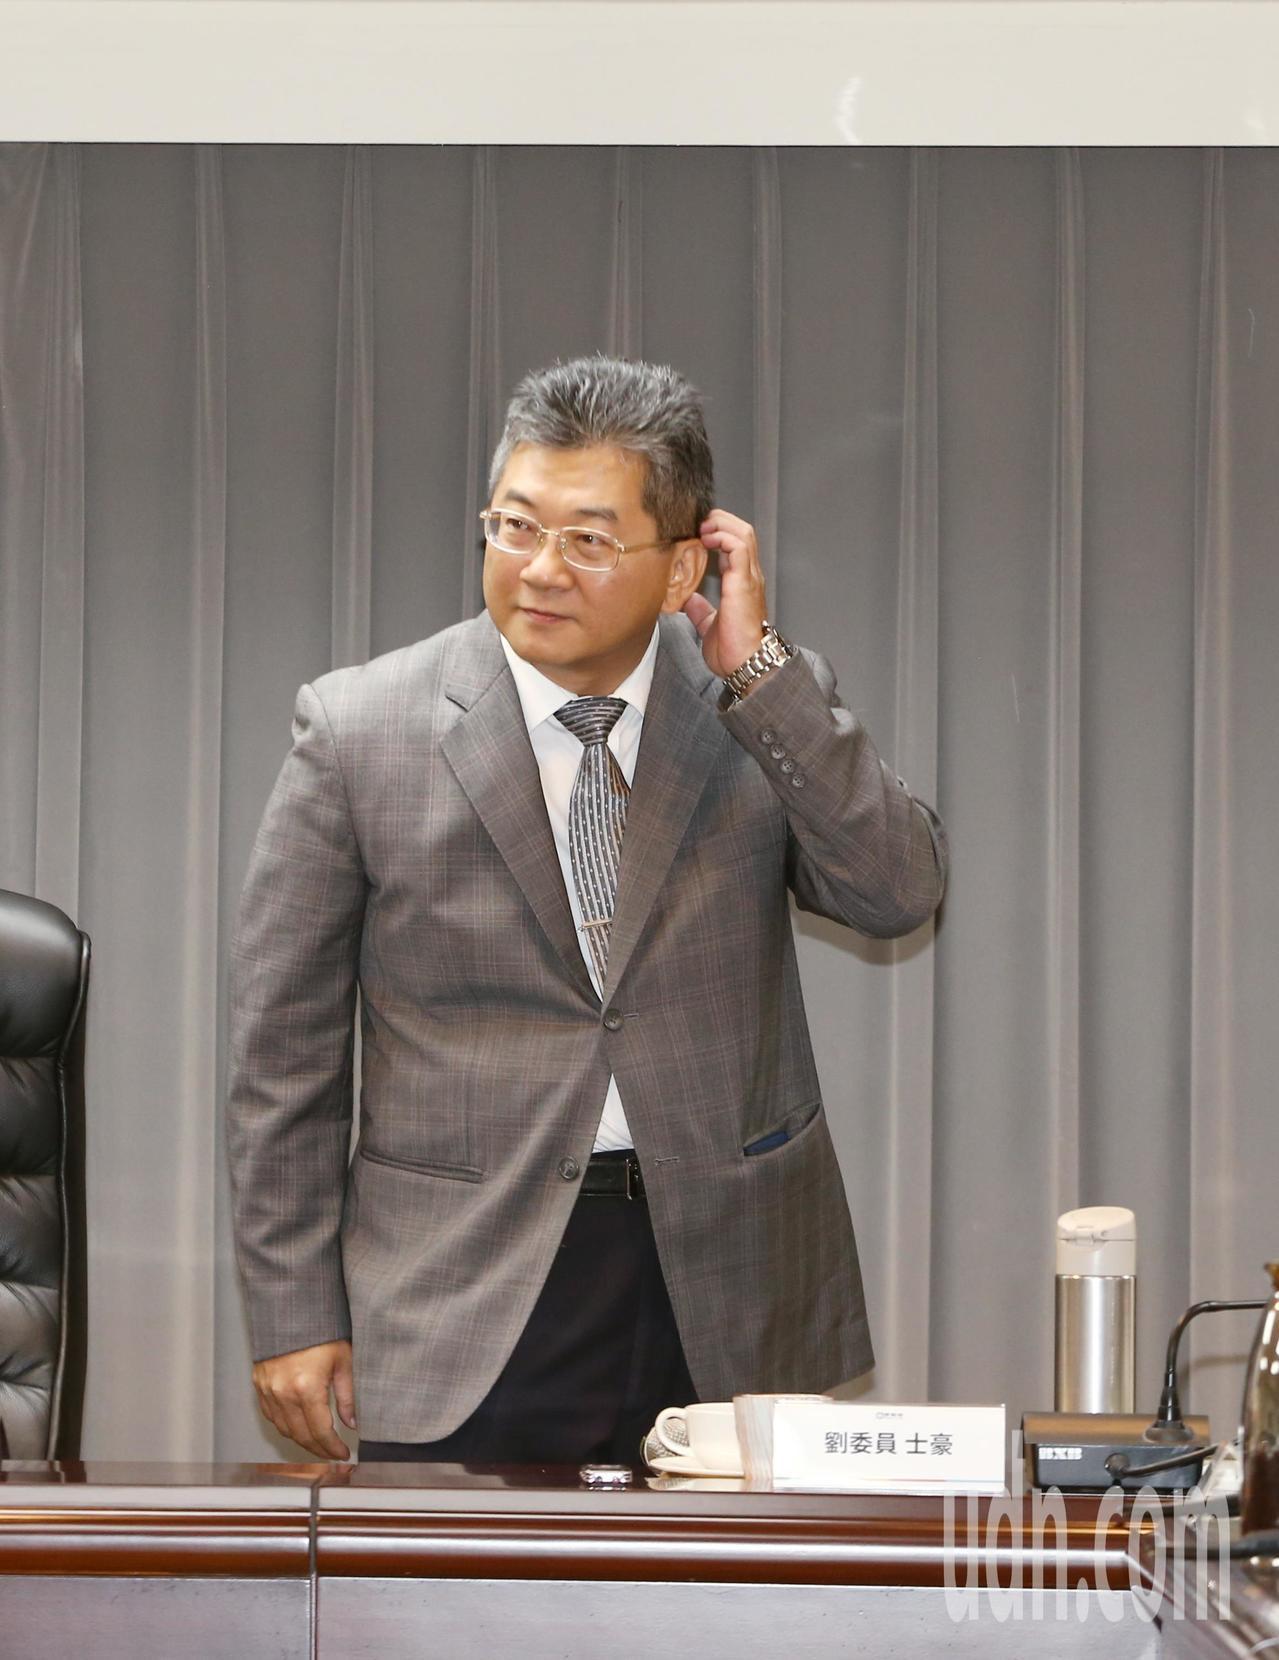 勞動部主持基本工資審議委員會,政務次長劉士豪出席。記者曾原信/攝影